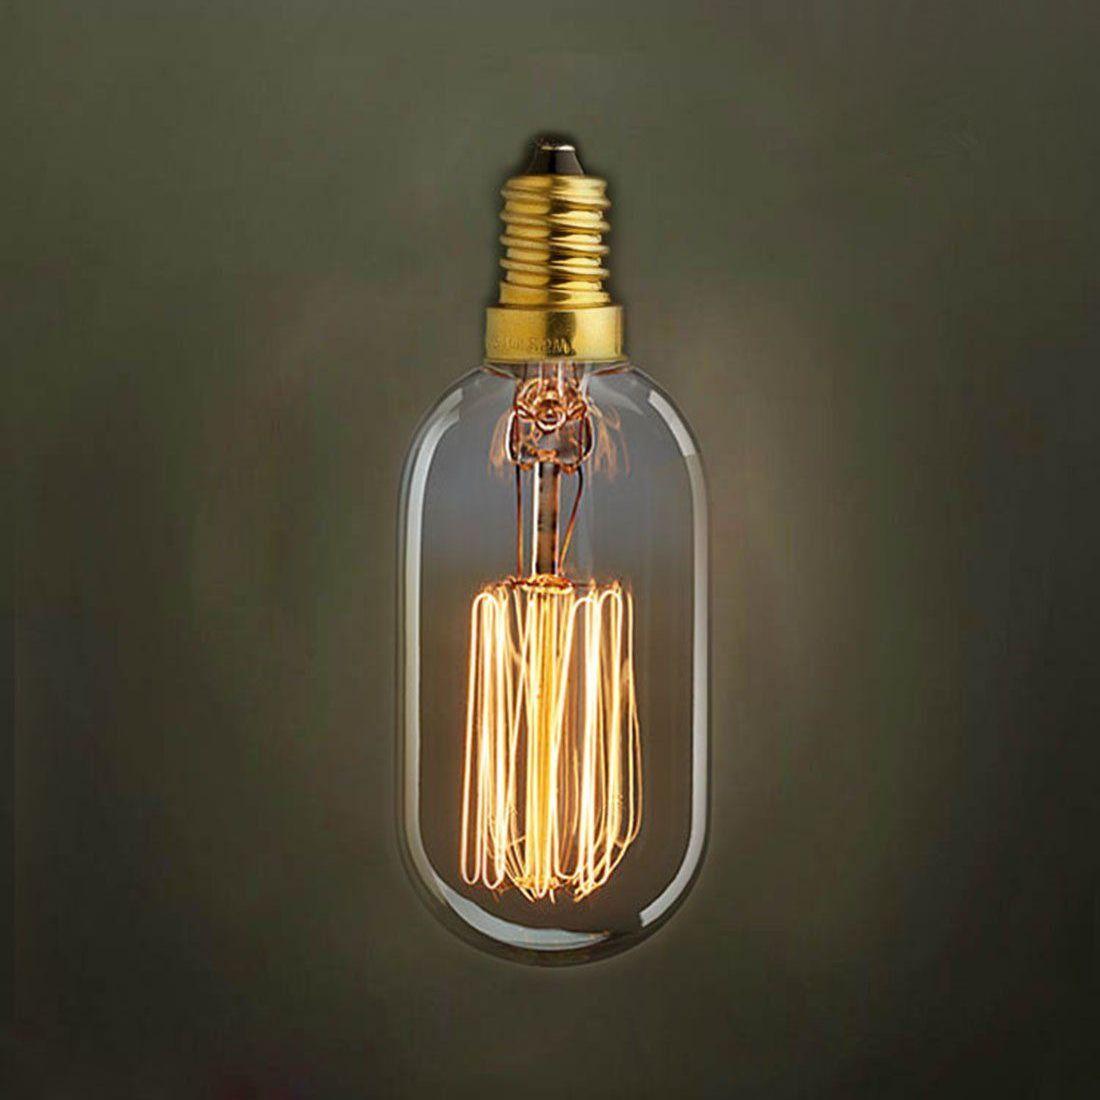 EDISON žiarovka - TUNNEL - E14, 40W, 120lm